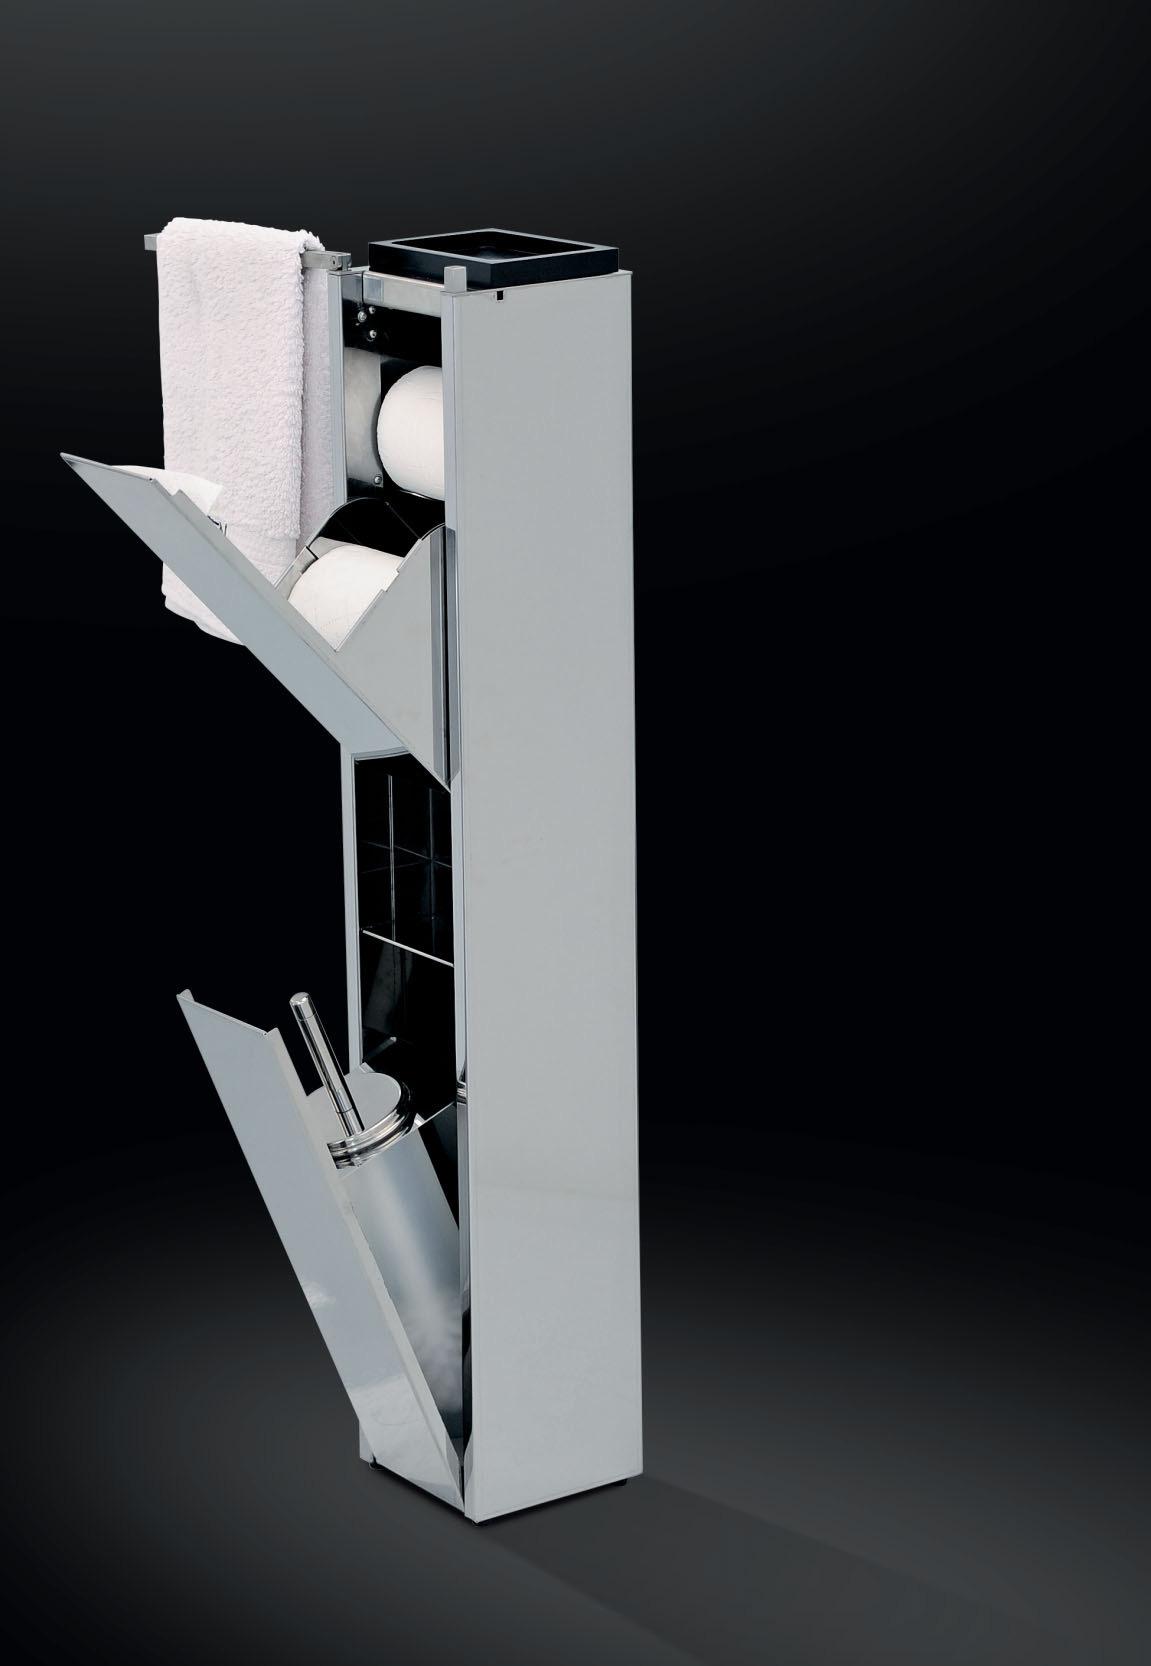 Accessori arredo bagno in acciaio inox su misura marinox for Design accessori